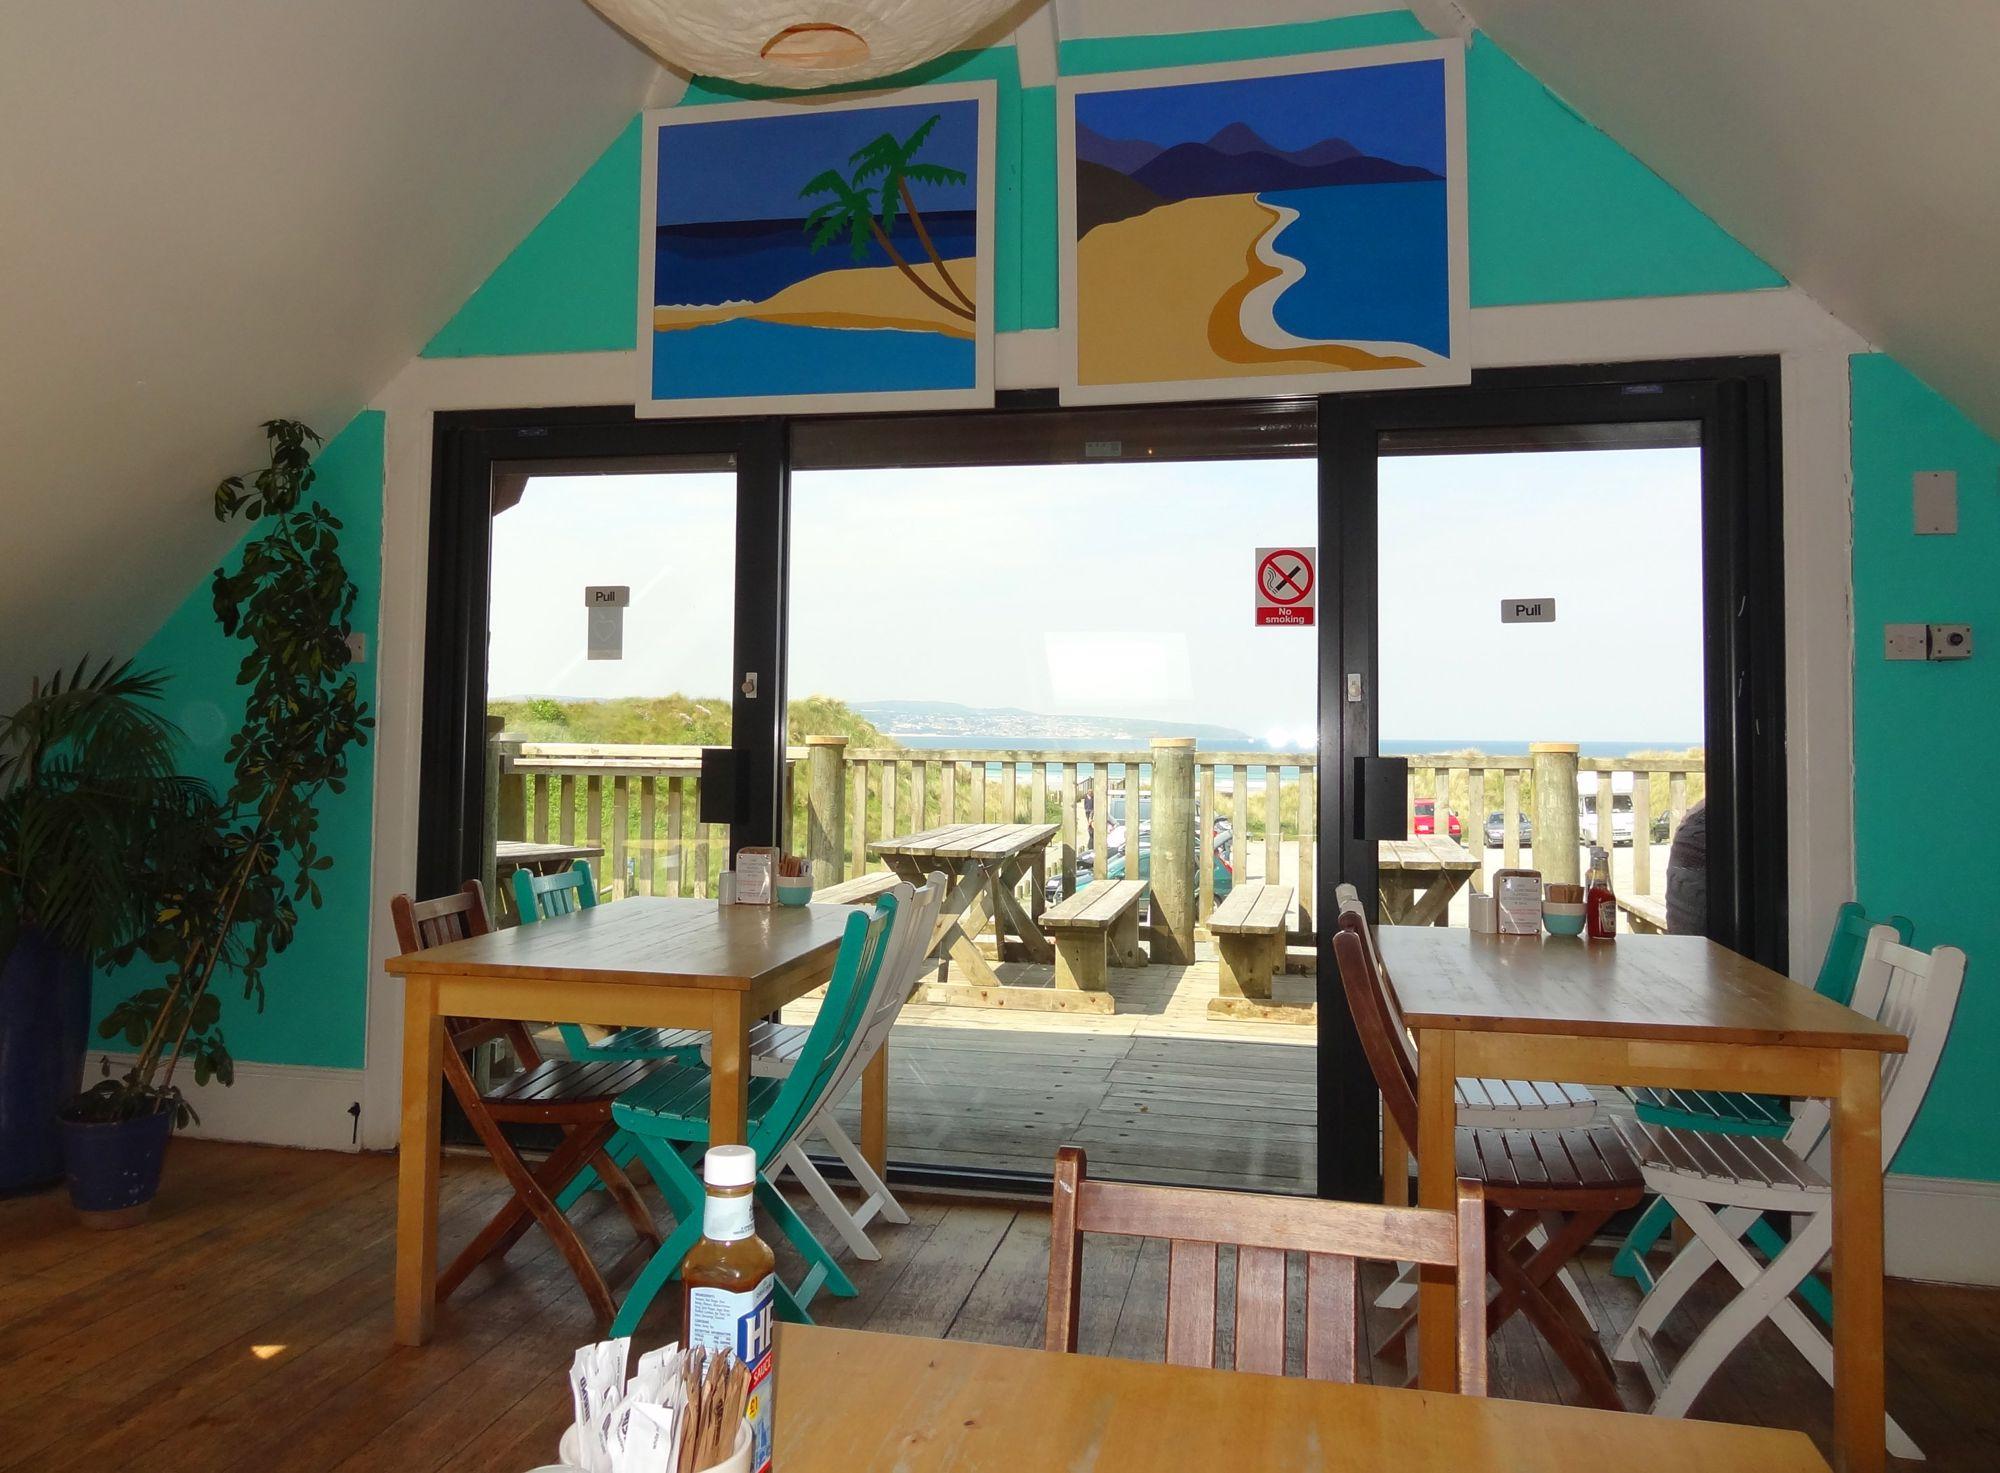 Godrevy Beach Café